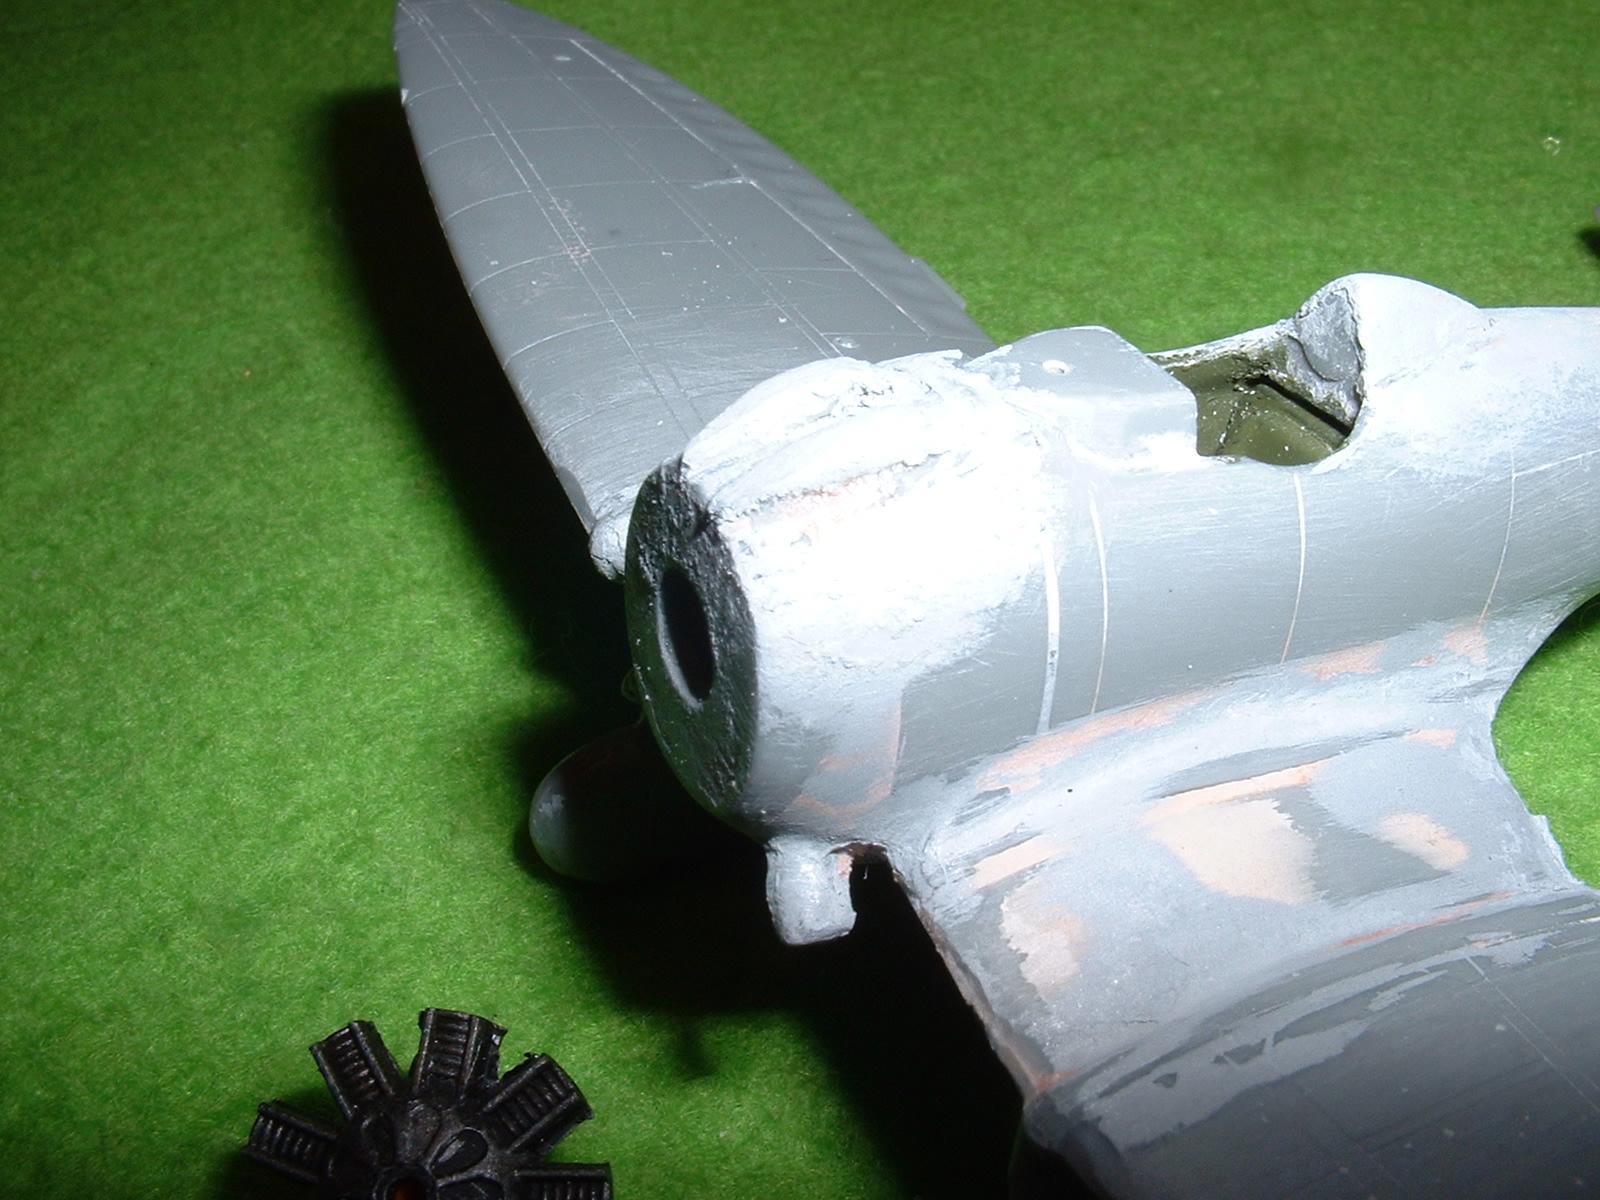 2013.08.25 時点での72分の1「9試単座戦闘機」その3 Douro-TAO.JPG